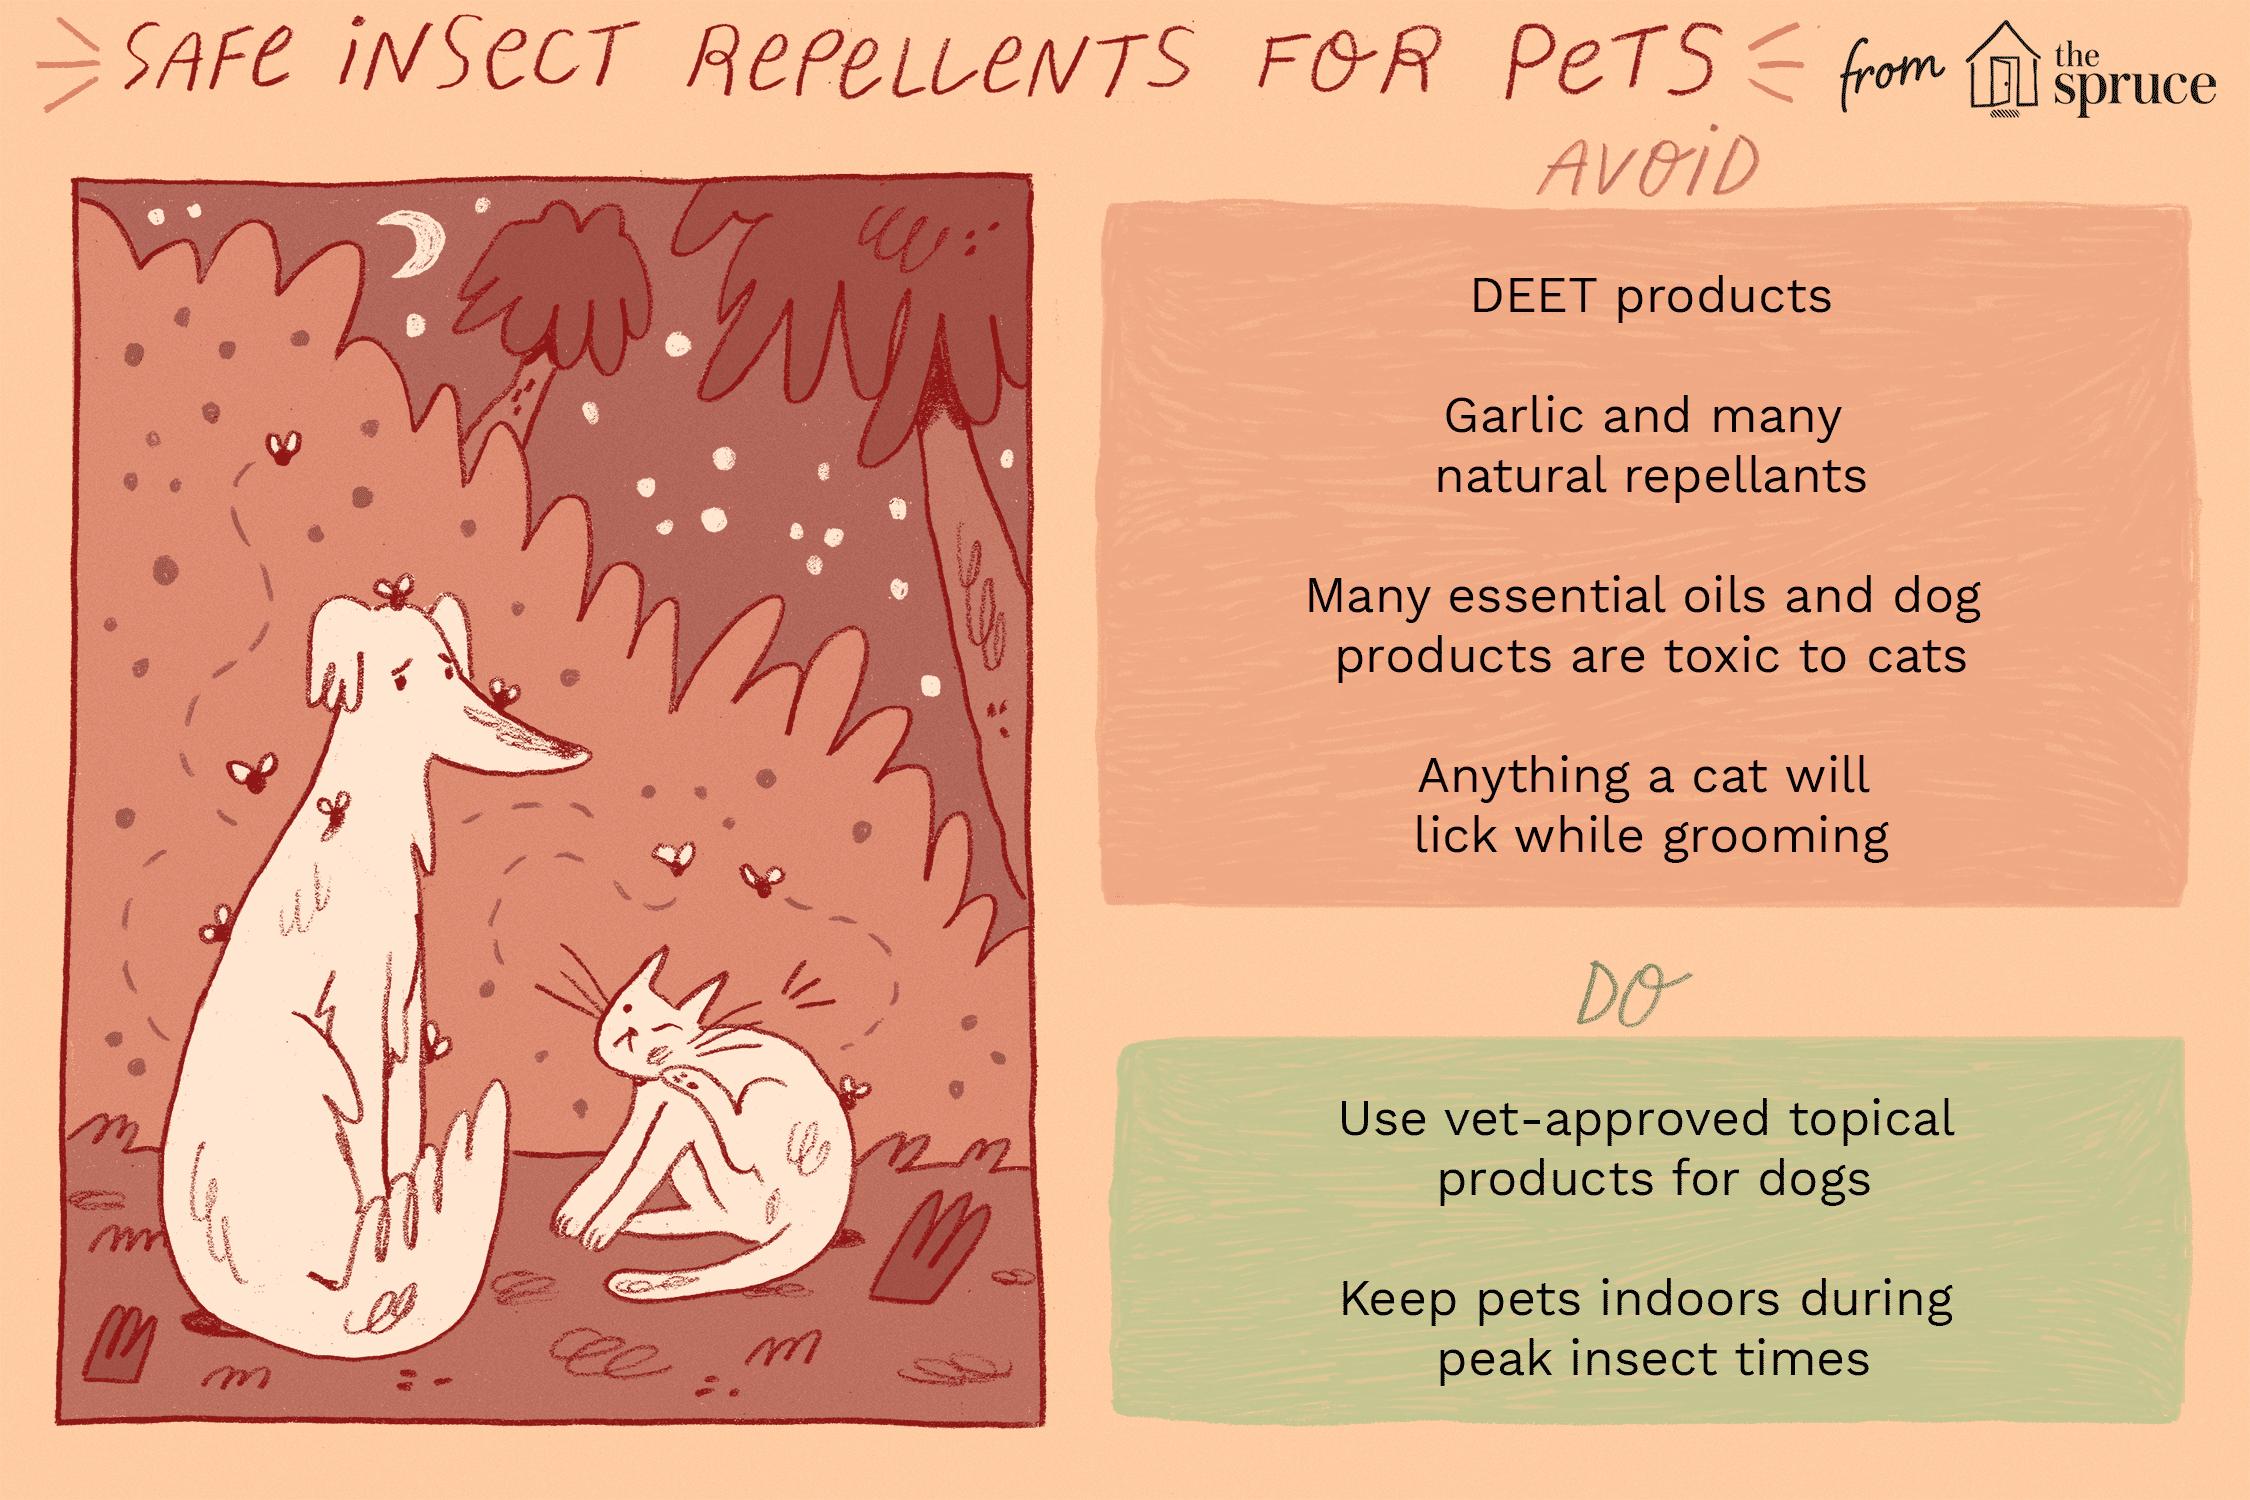 Ilustración de repelentes de insectos tóxicos y seguros para perros y gatos